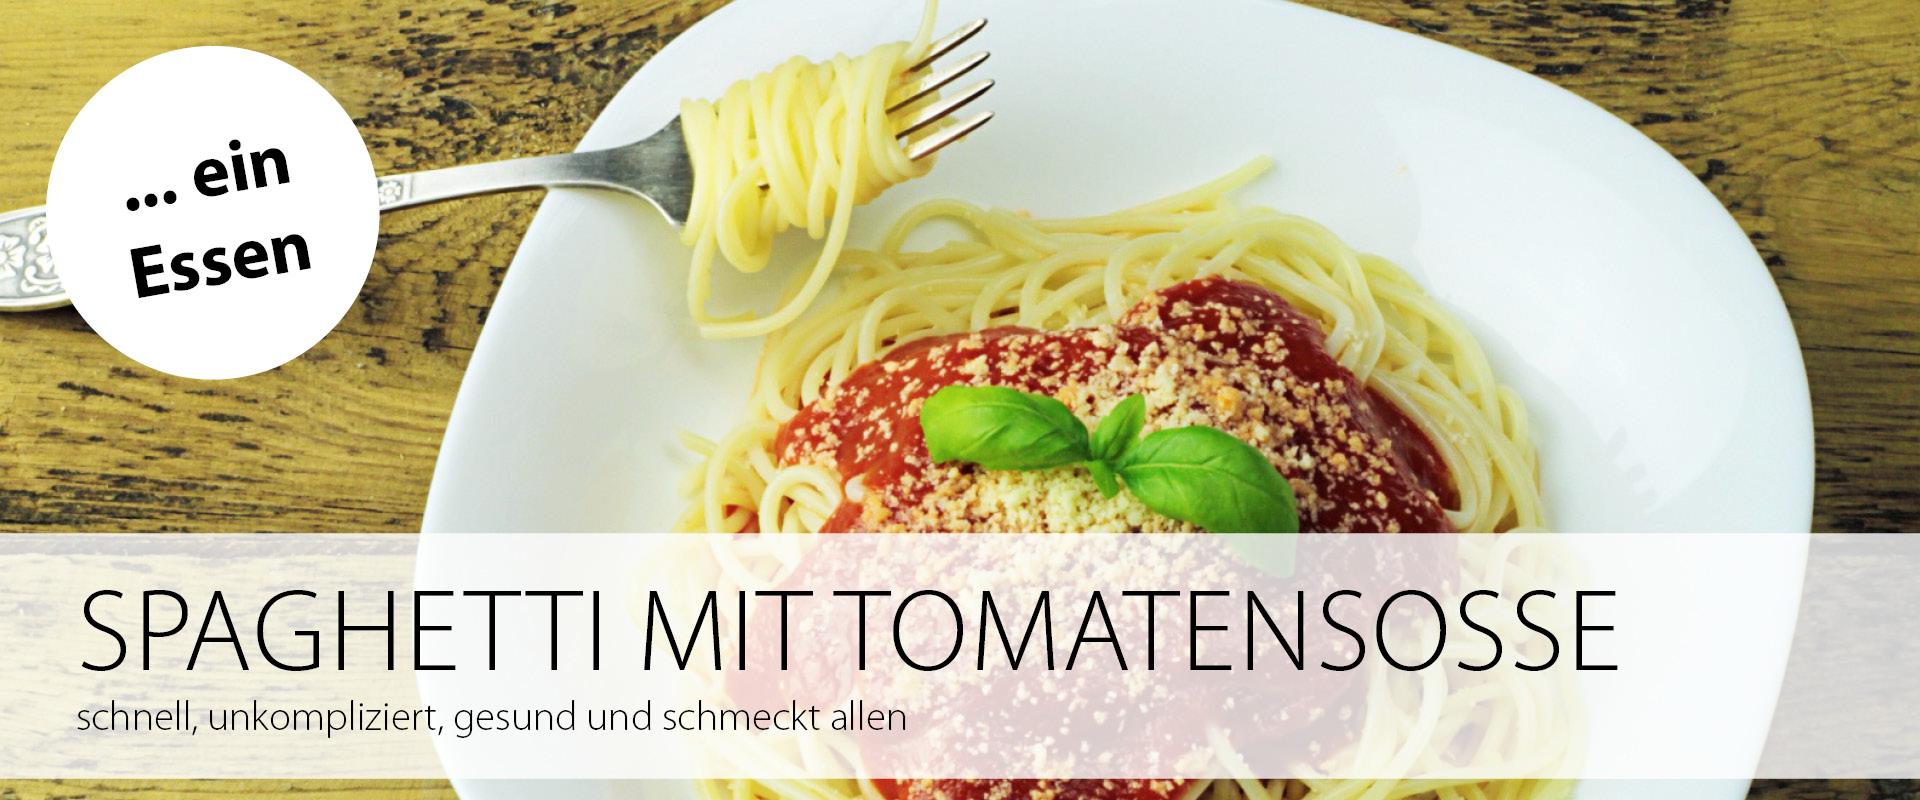 Ein Essen: Spaghetti mit Tomatensoße